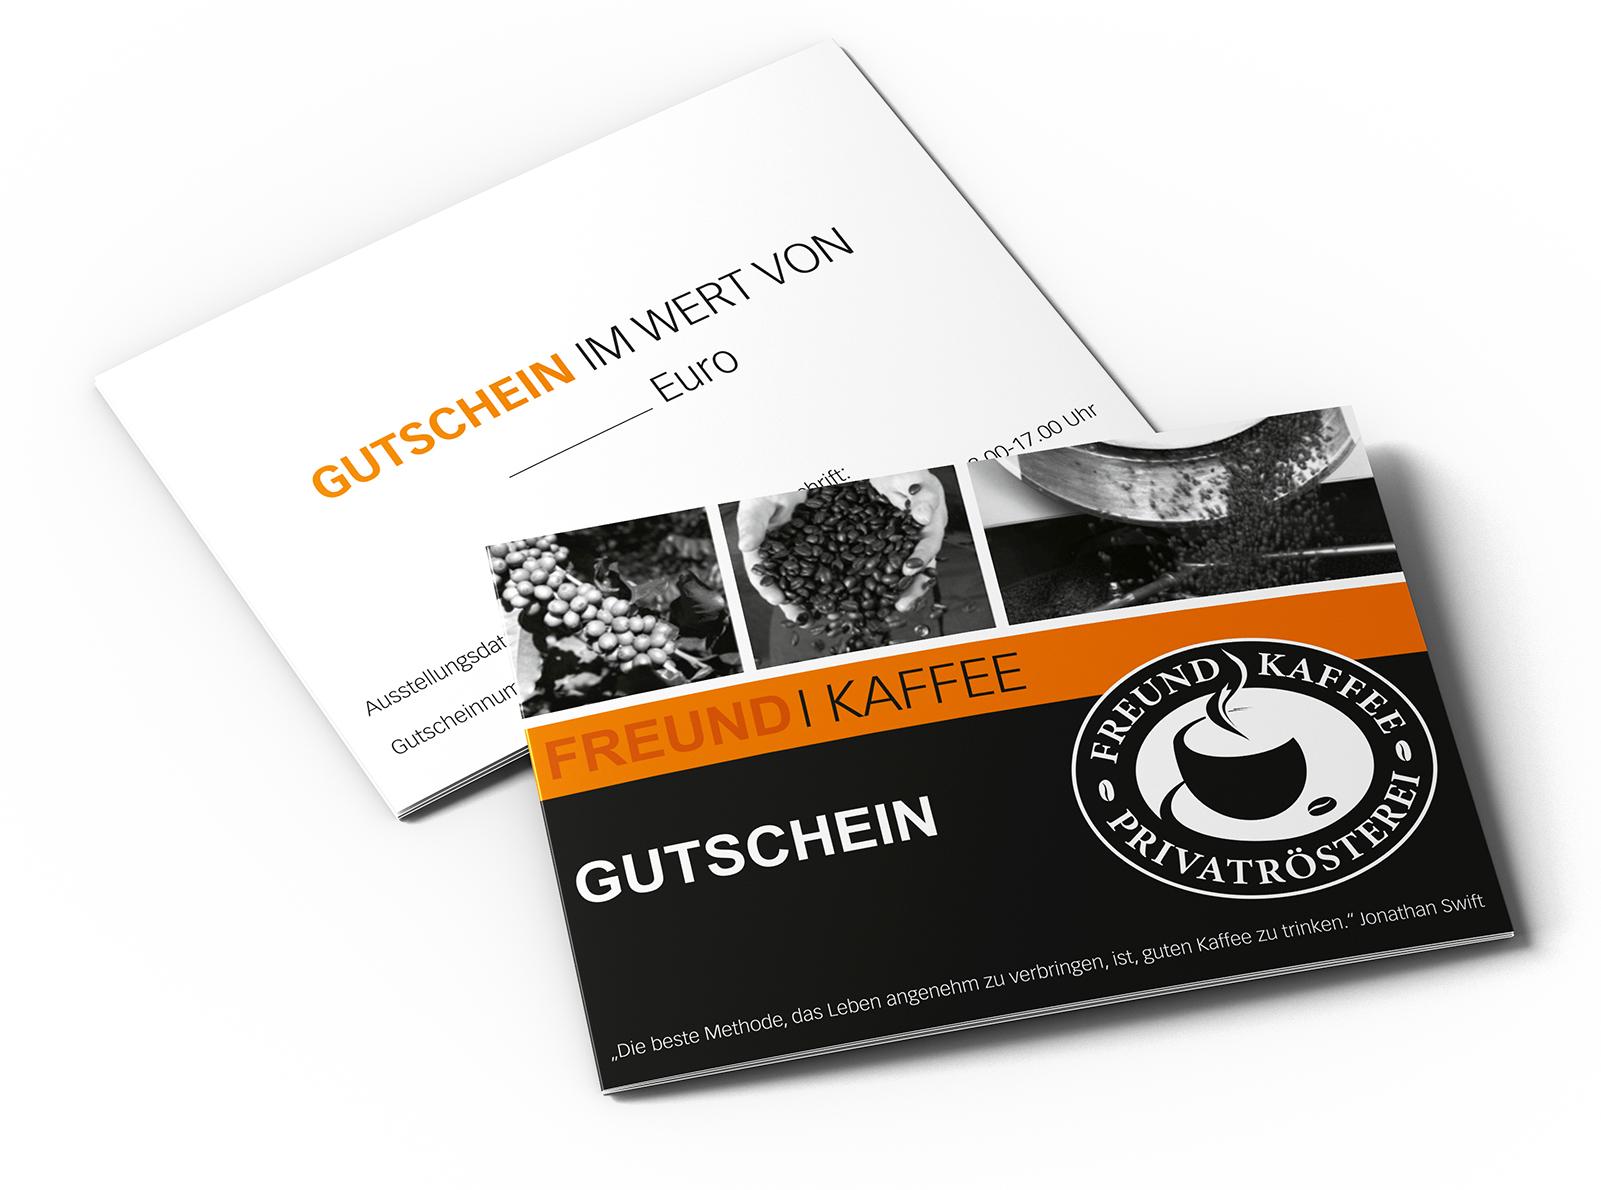 Gutscheine Kaffee Tee Zubehör Leinefelde Heiligenstadt